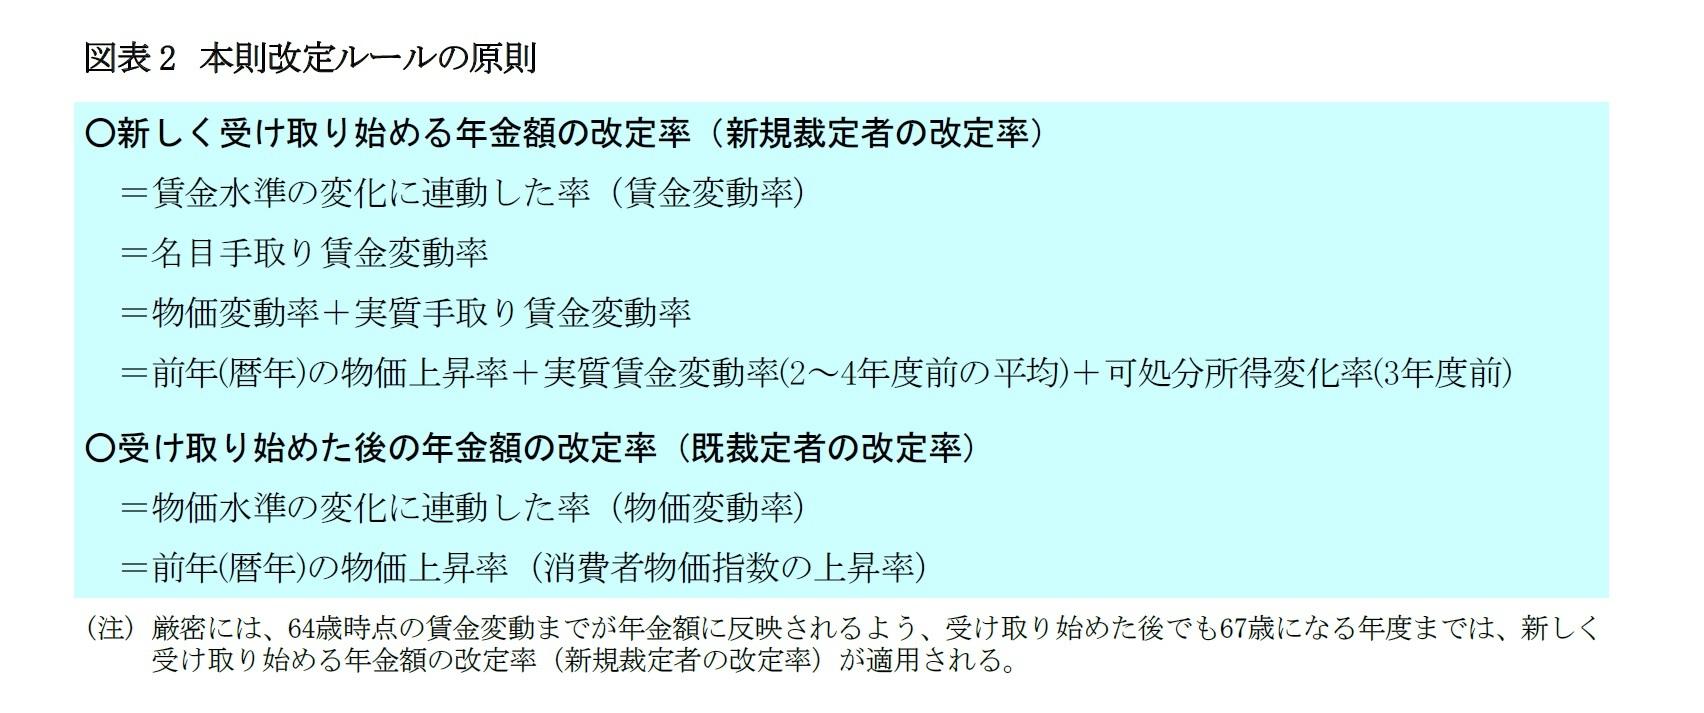 図表2 本則改定ルールの原則